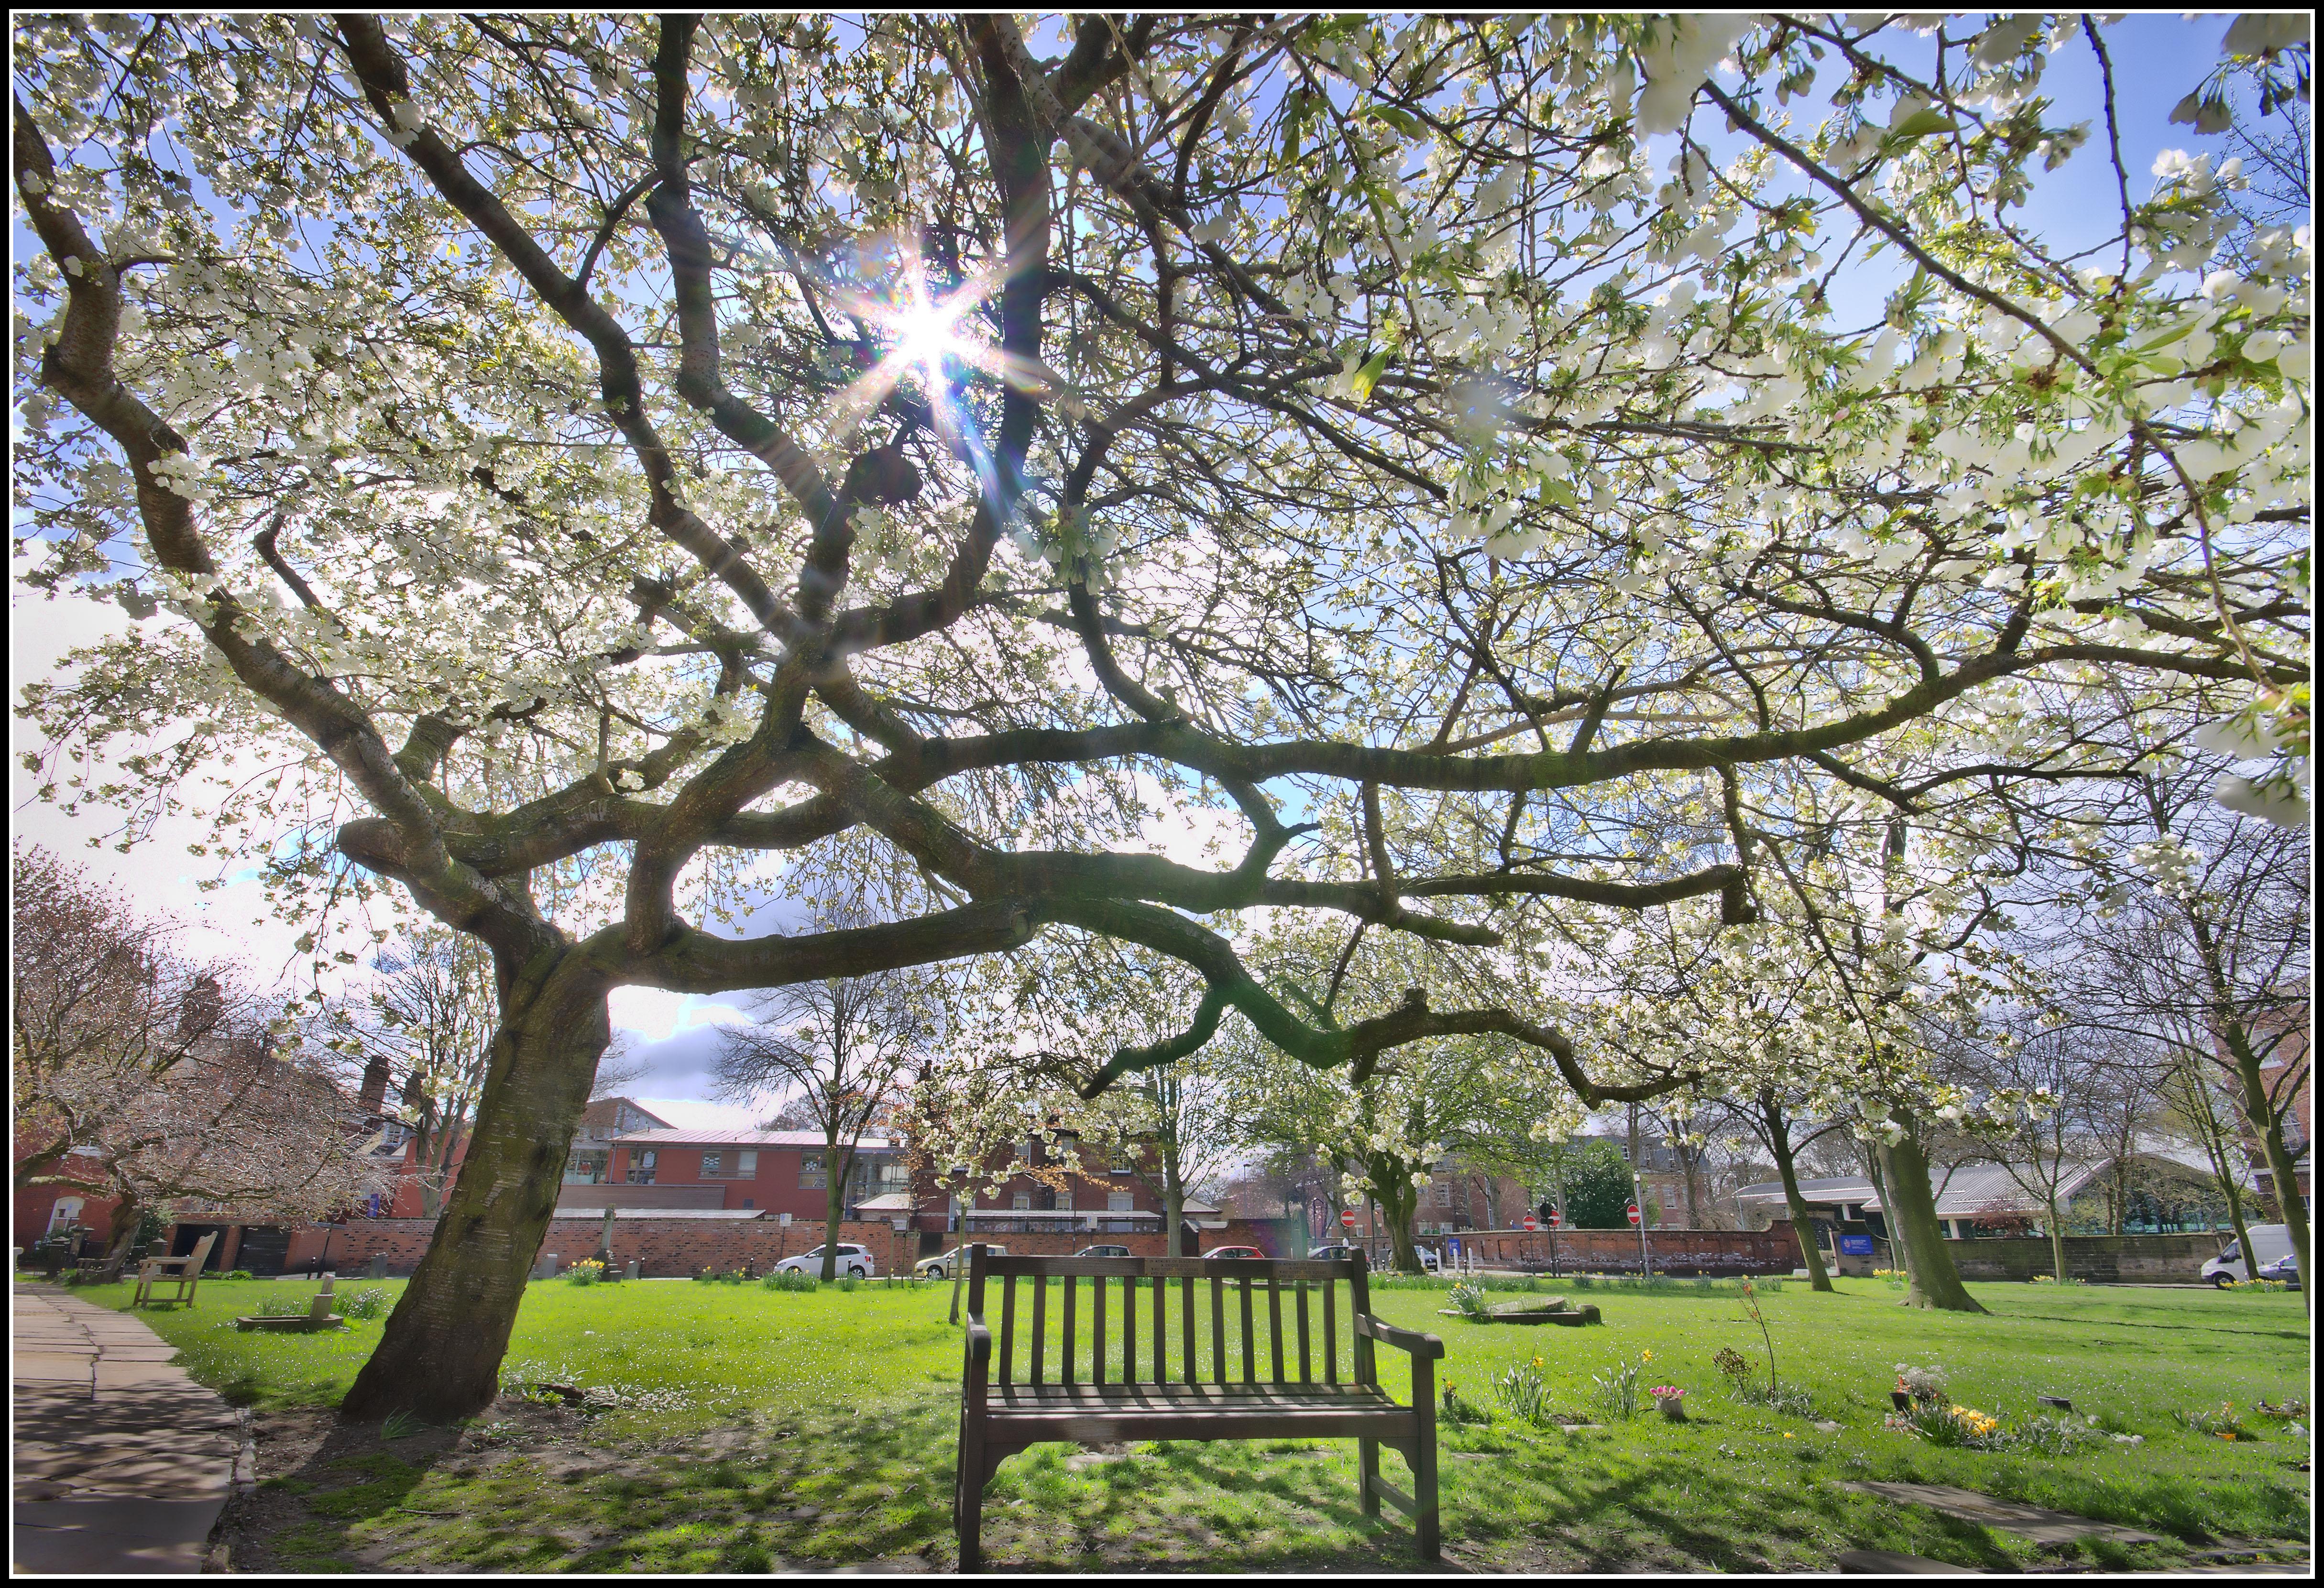 무료 이미지 나무 통로 잔디 분기 목재 햇빛 벤치 좌석 봄 녹색 공원 식물학